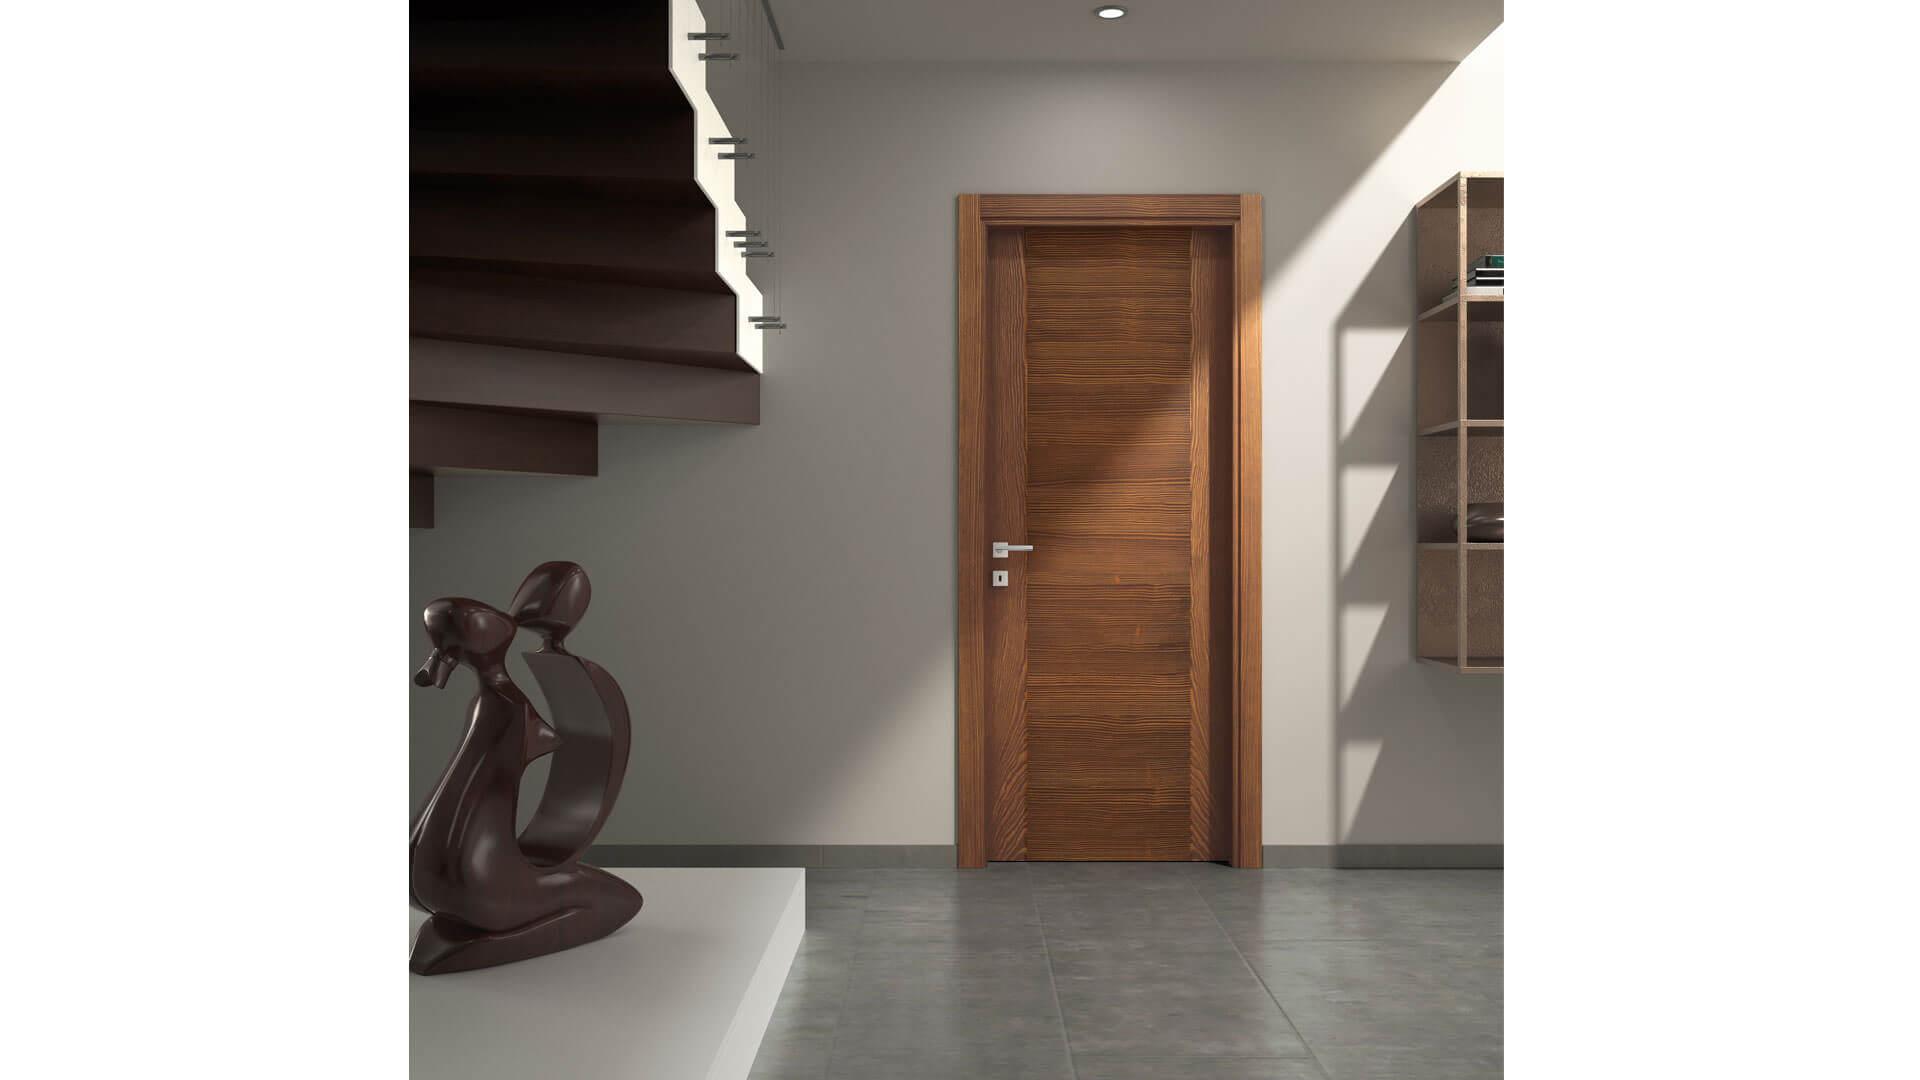 Porta in legno su parete bianca